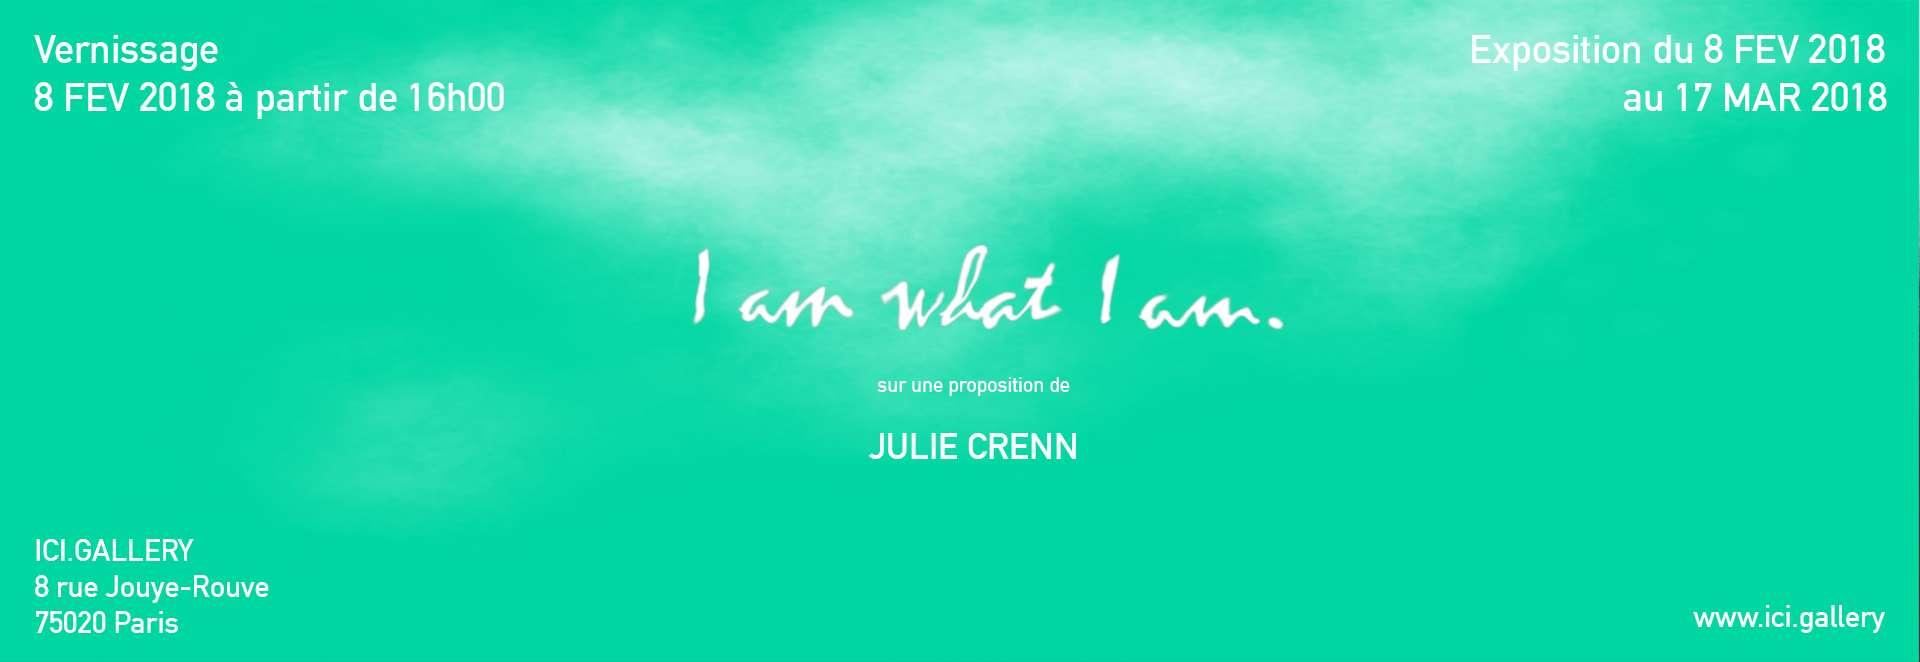 Françoise Pétrovitch I am what I am ICI GALLERY, Paris (FR) 9 février  — 17 mars 2018